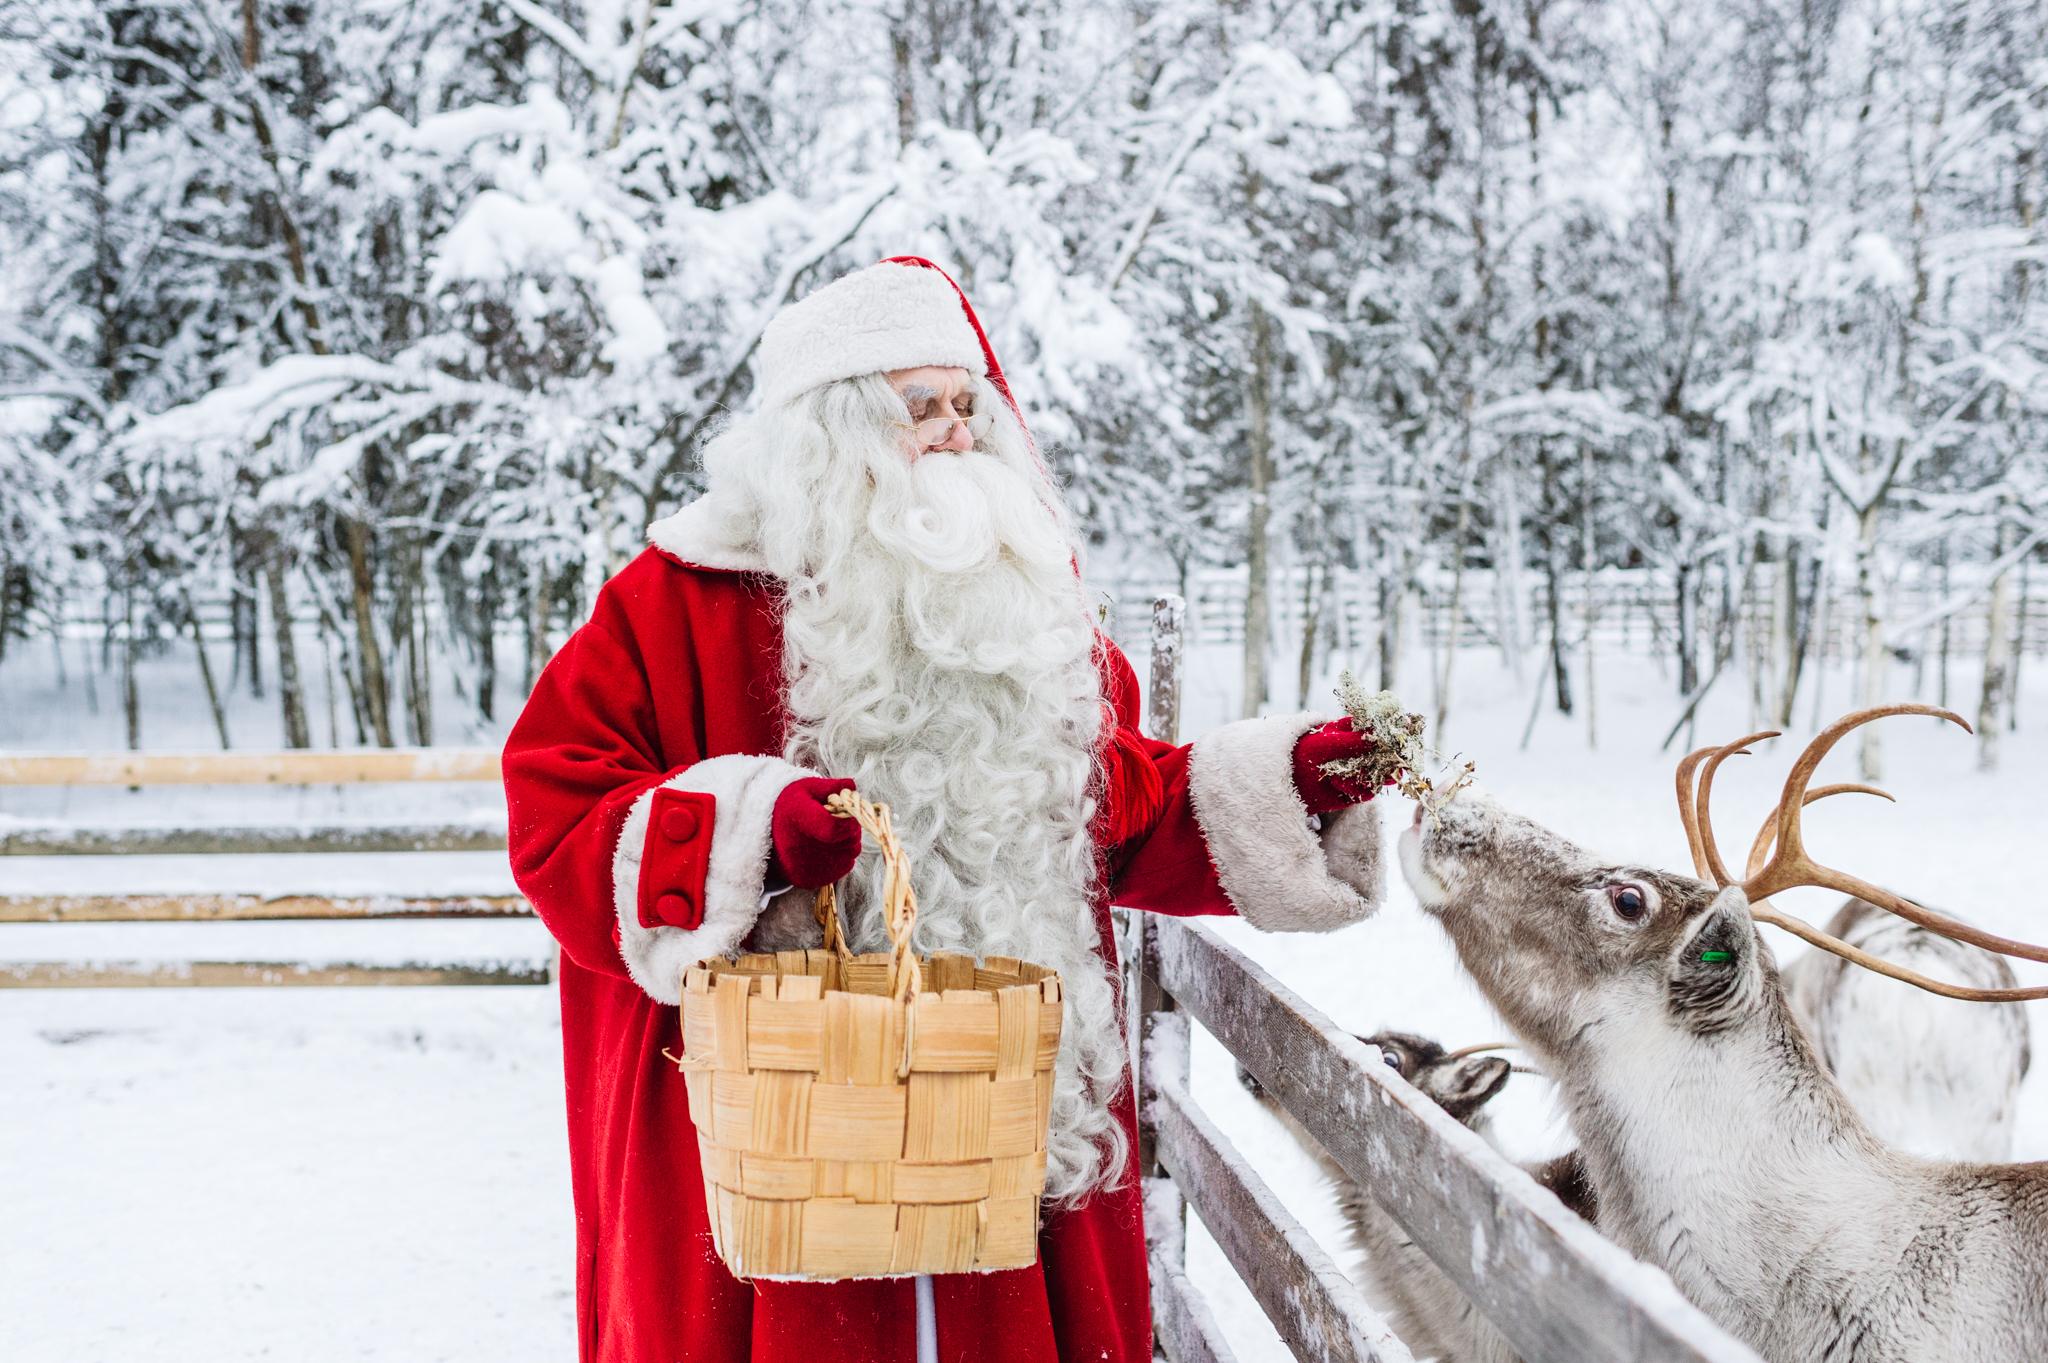 Santa Claus feeding Reindeer